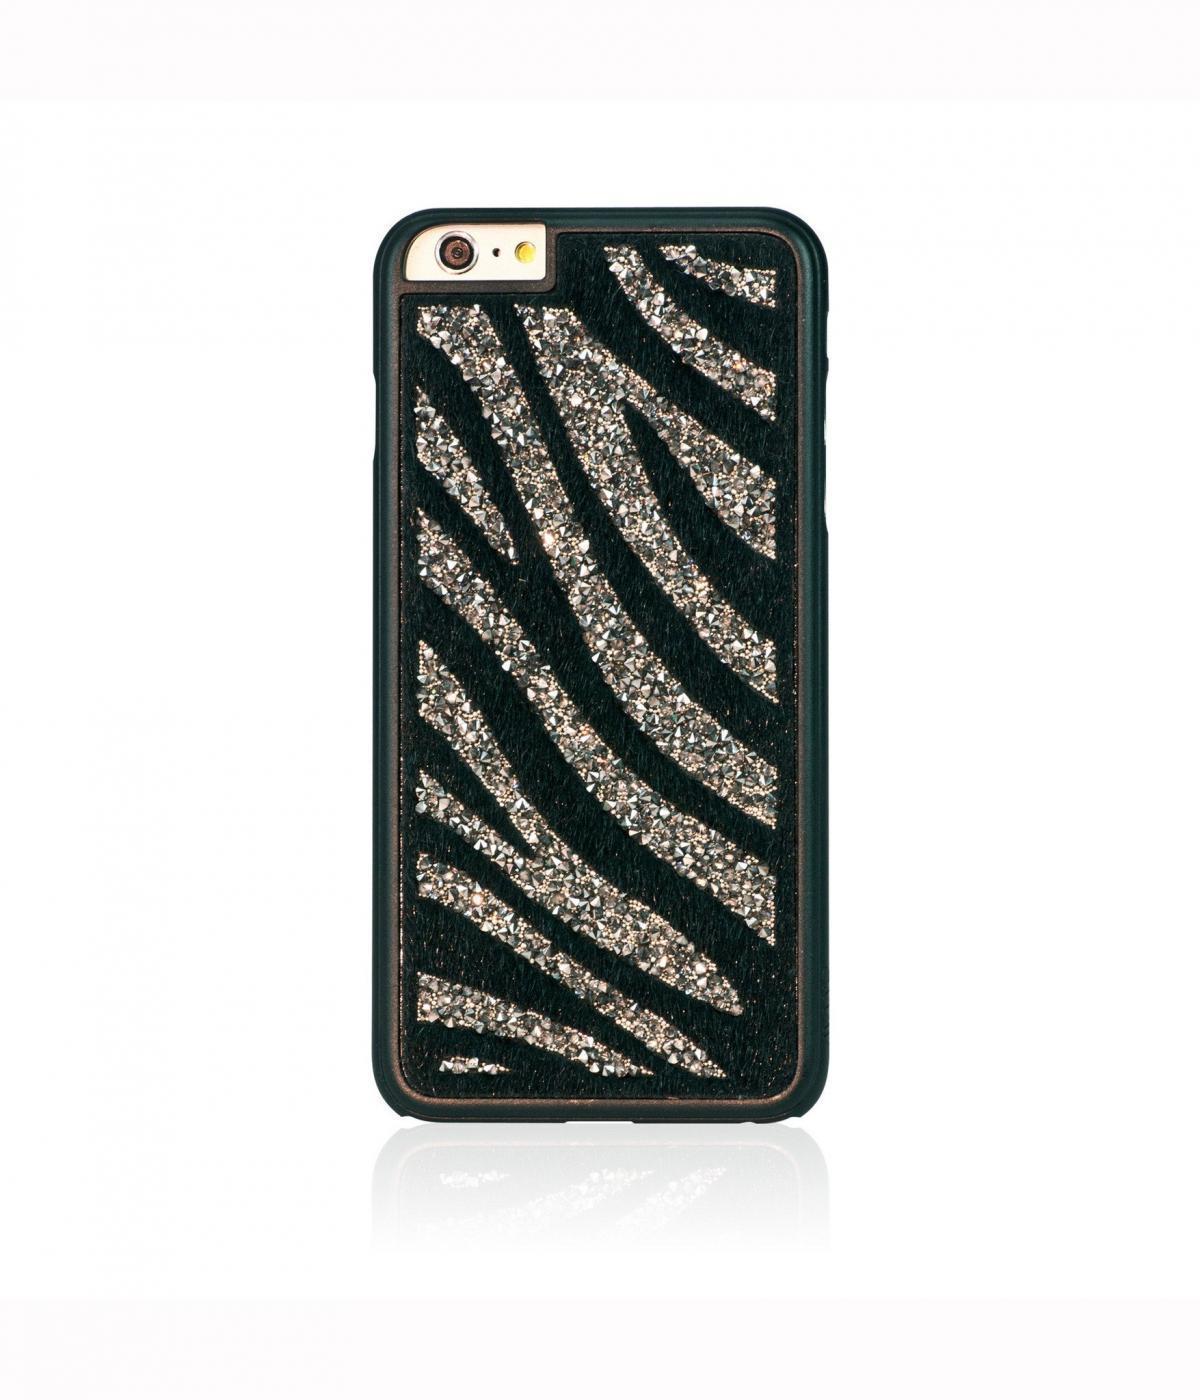 Чехол-накладка Bling My Thing Glam для Apple iPhone 6 Plus/6S Plus Glam Zebra Black Diamondдля iPhone 6 Plus/6S Plus<br>Чехол-накладка Bling My Thing Glam для Apple iPhone 6 Plus/6S Plus Glam Zebra Black Diamond<br>